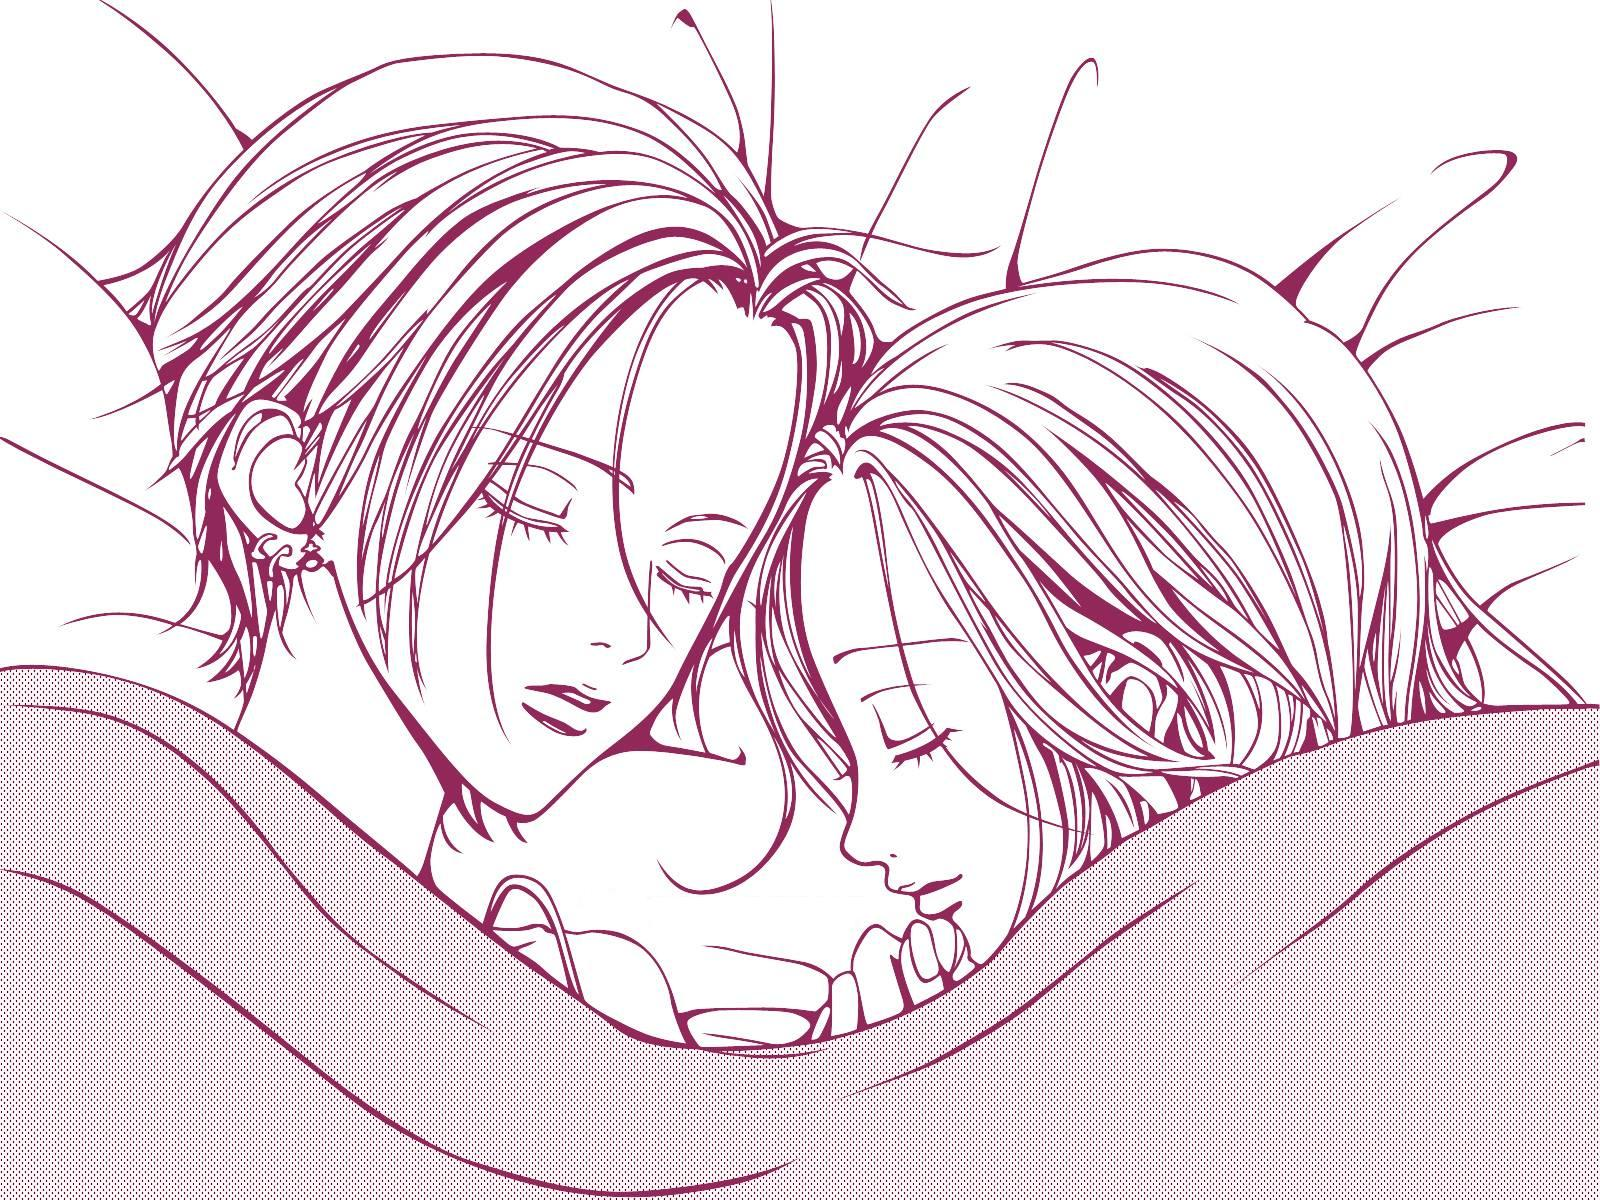 2girls bed hachi jpeg_artifacts monochrome nana nana_(series) osaki_nana white